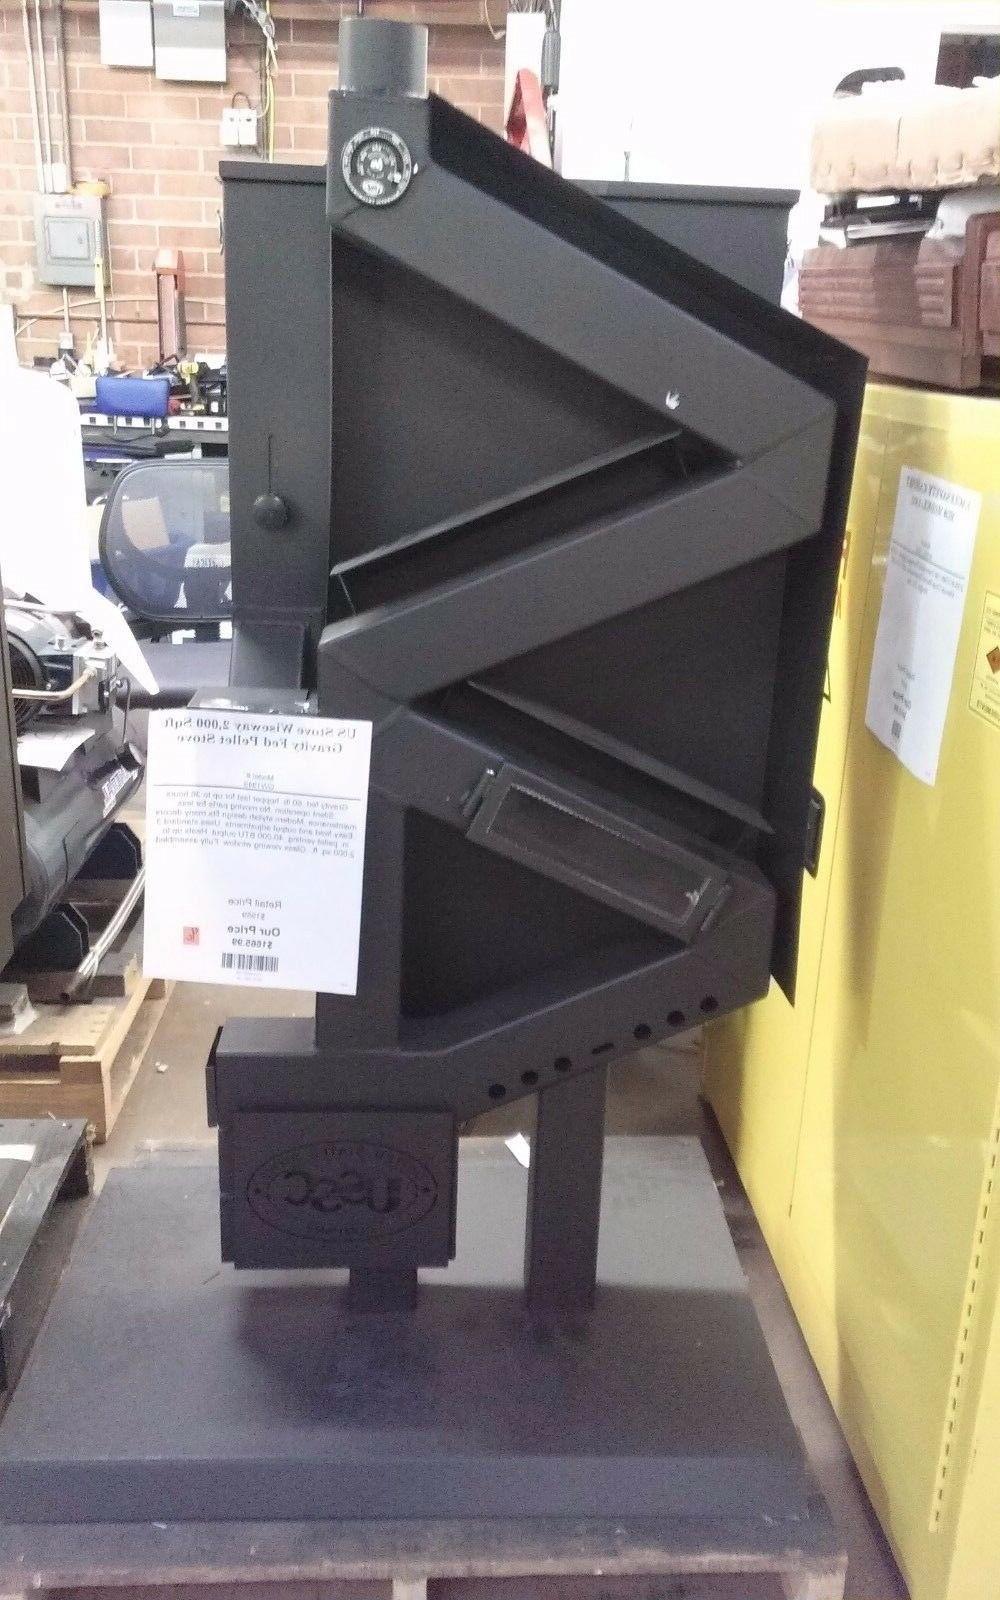 2000 sq ft gravity fed pellet stove